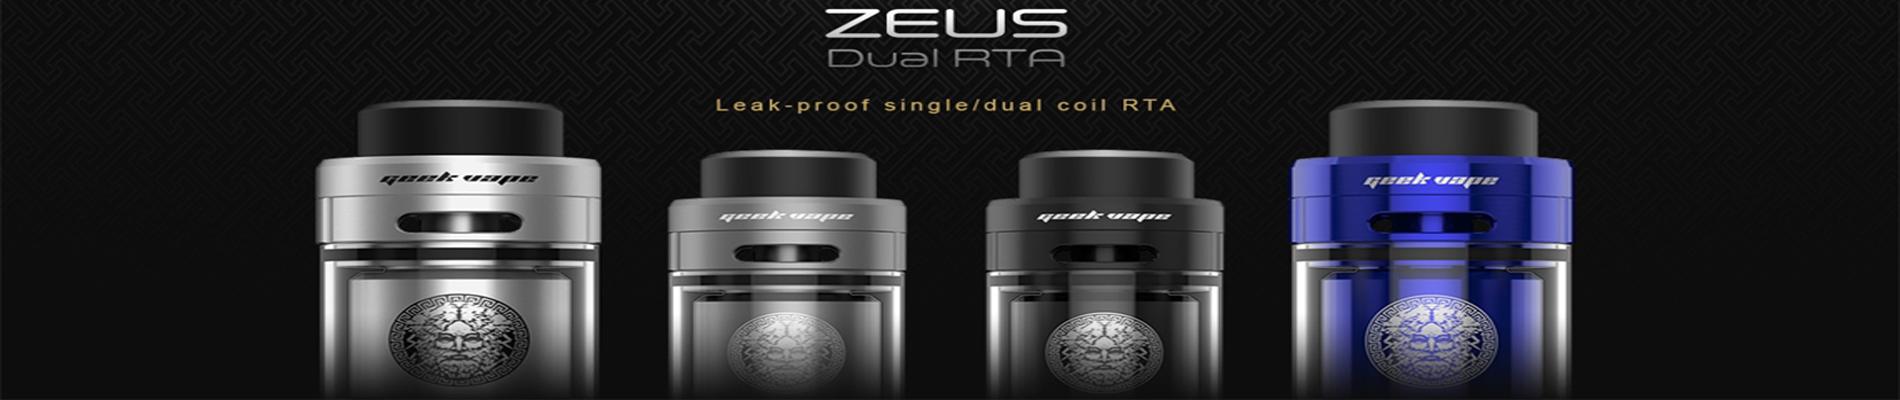 Zeus Dual